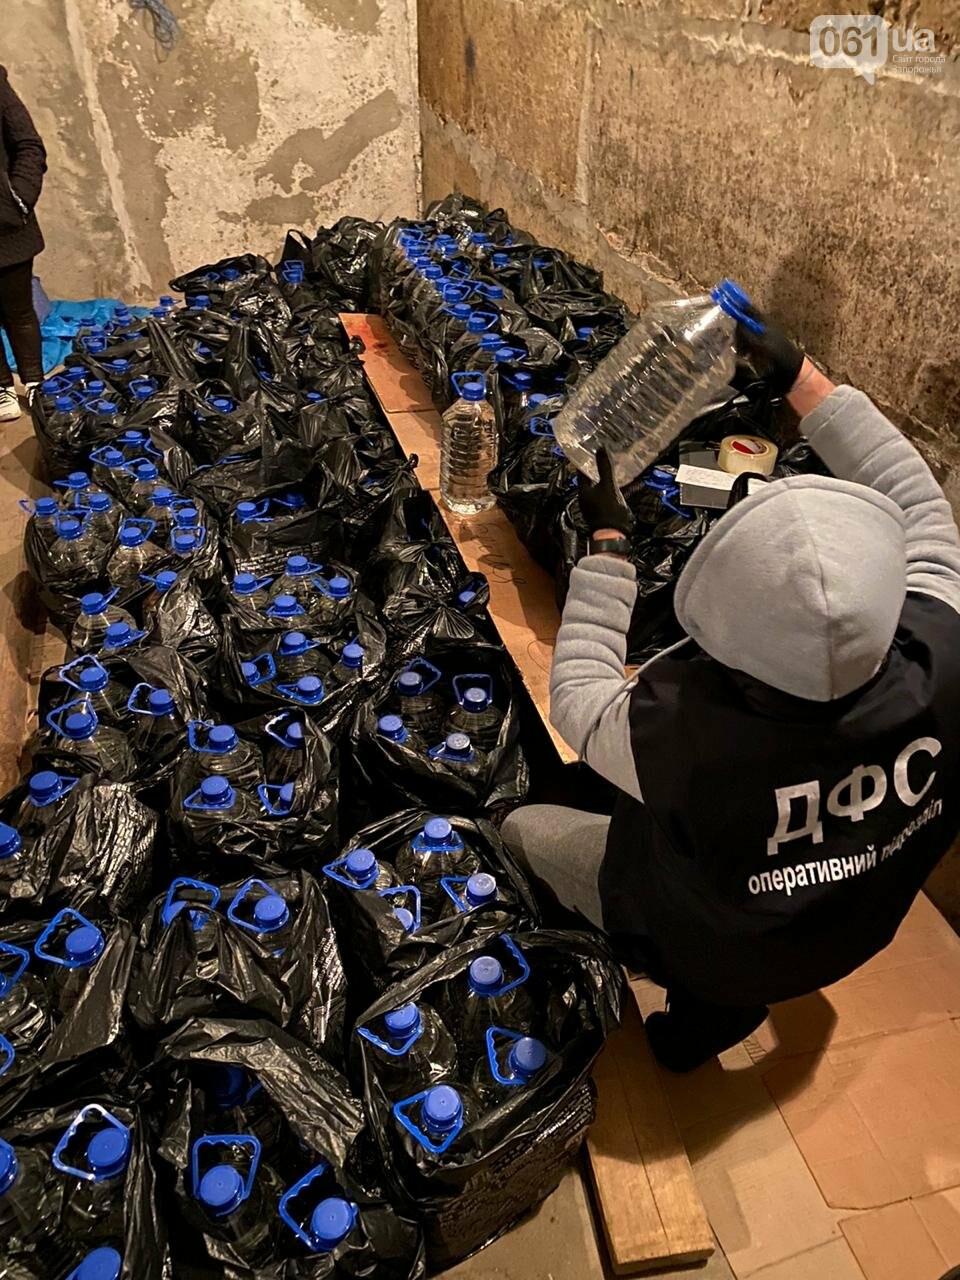 В Запорожской области обнаружили 2,5 тонны фальсифицированного алкоголя, фото-1